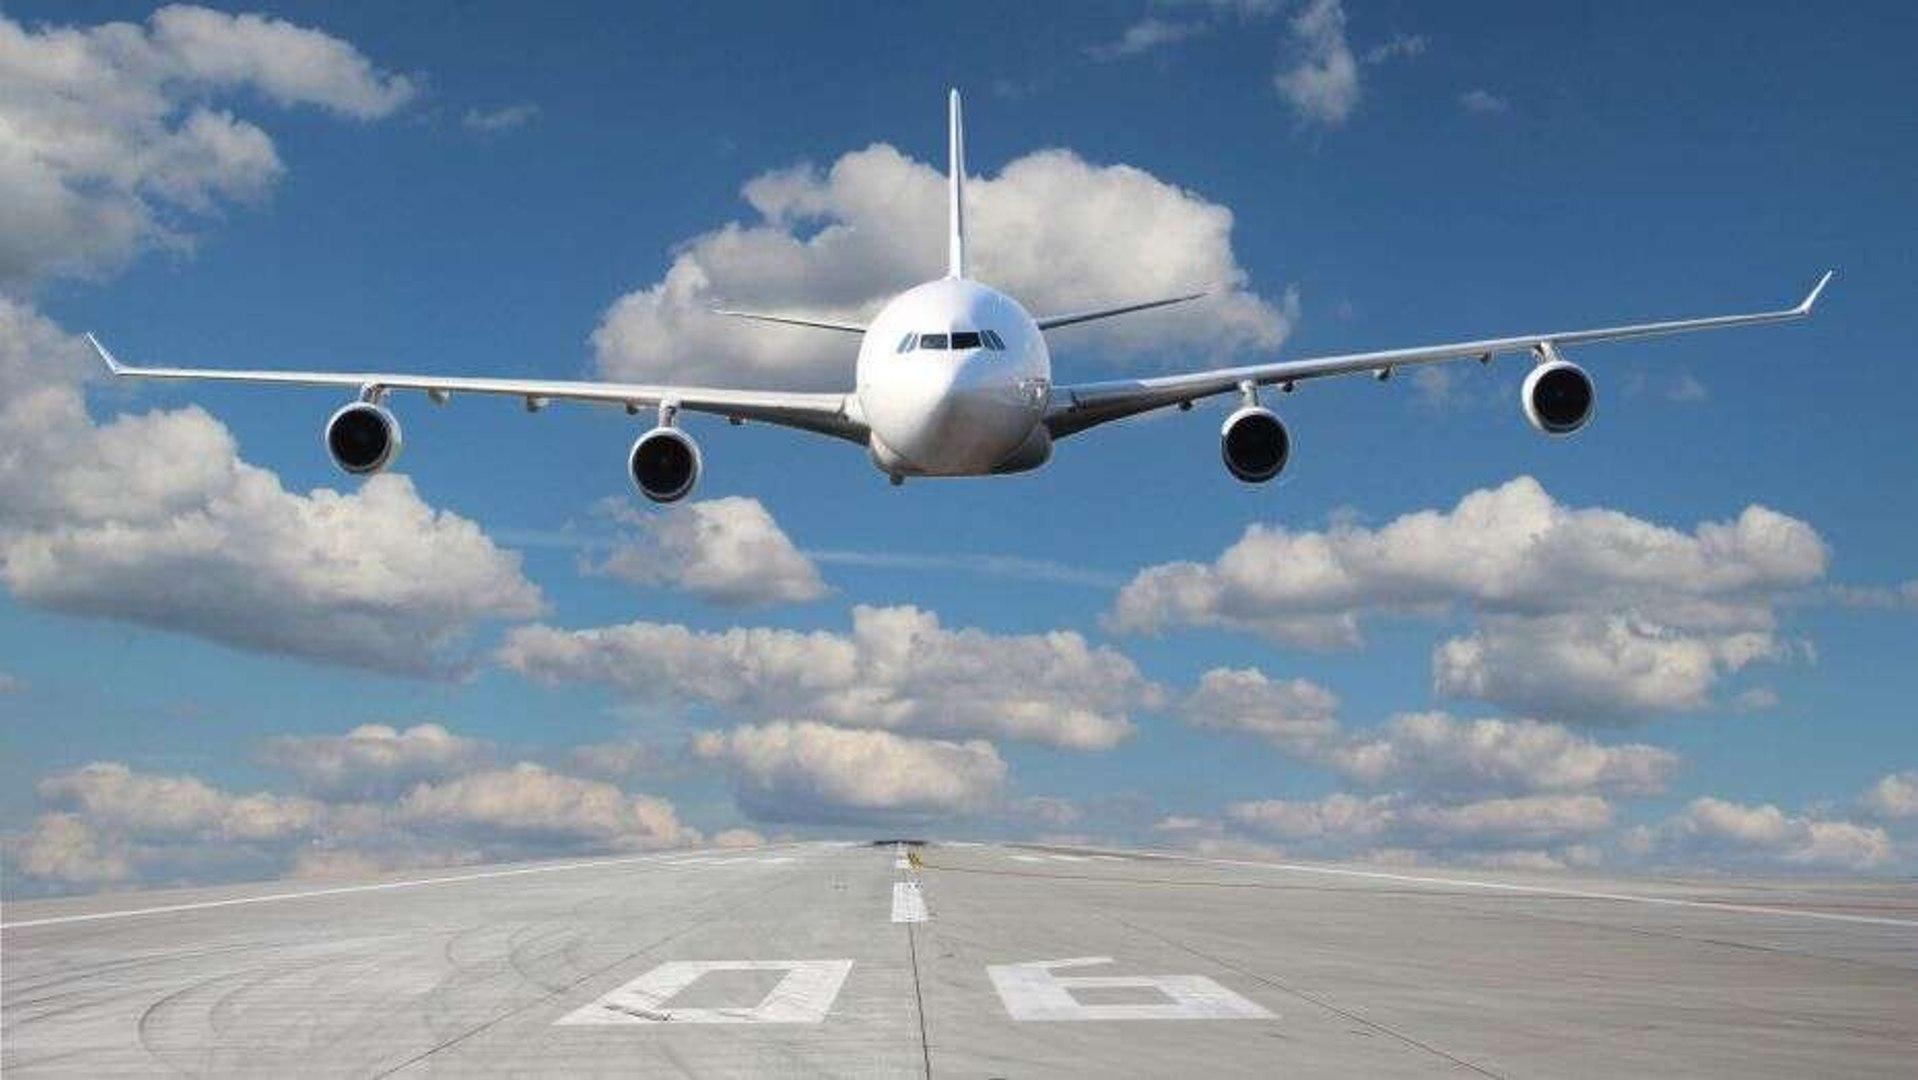 مطار في الإكوادور يمنع هبوط طائرة إسبانية بطريقة غريبة خوفاً من كورونا